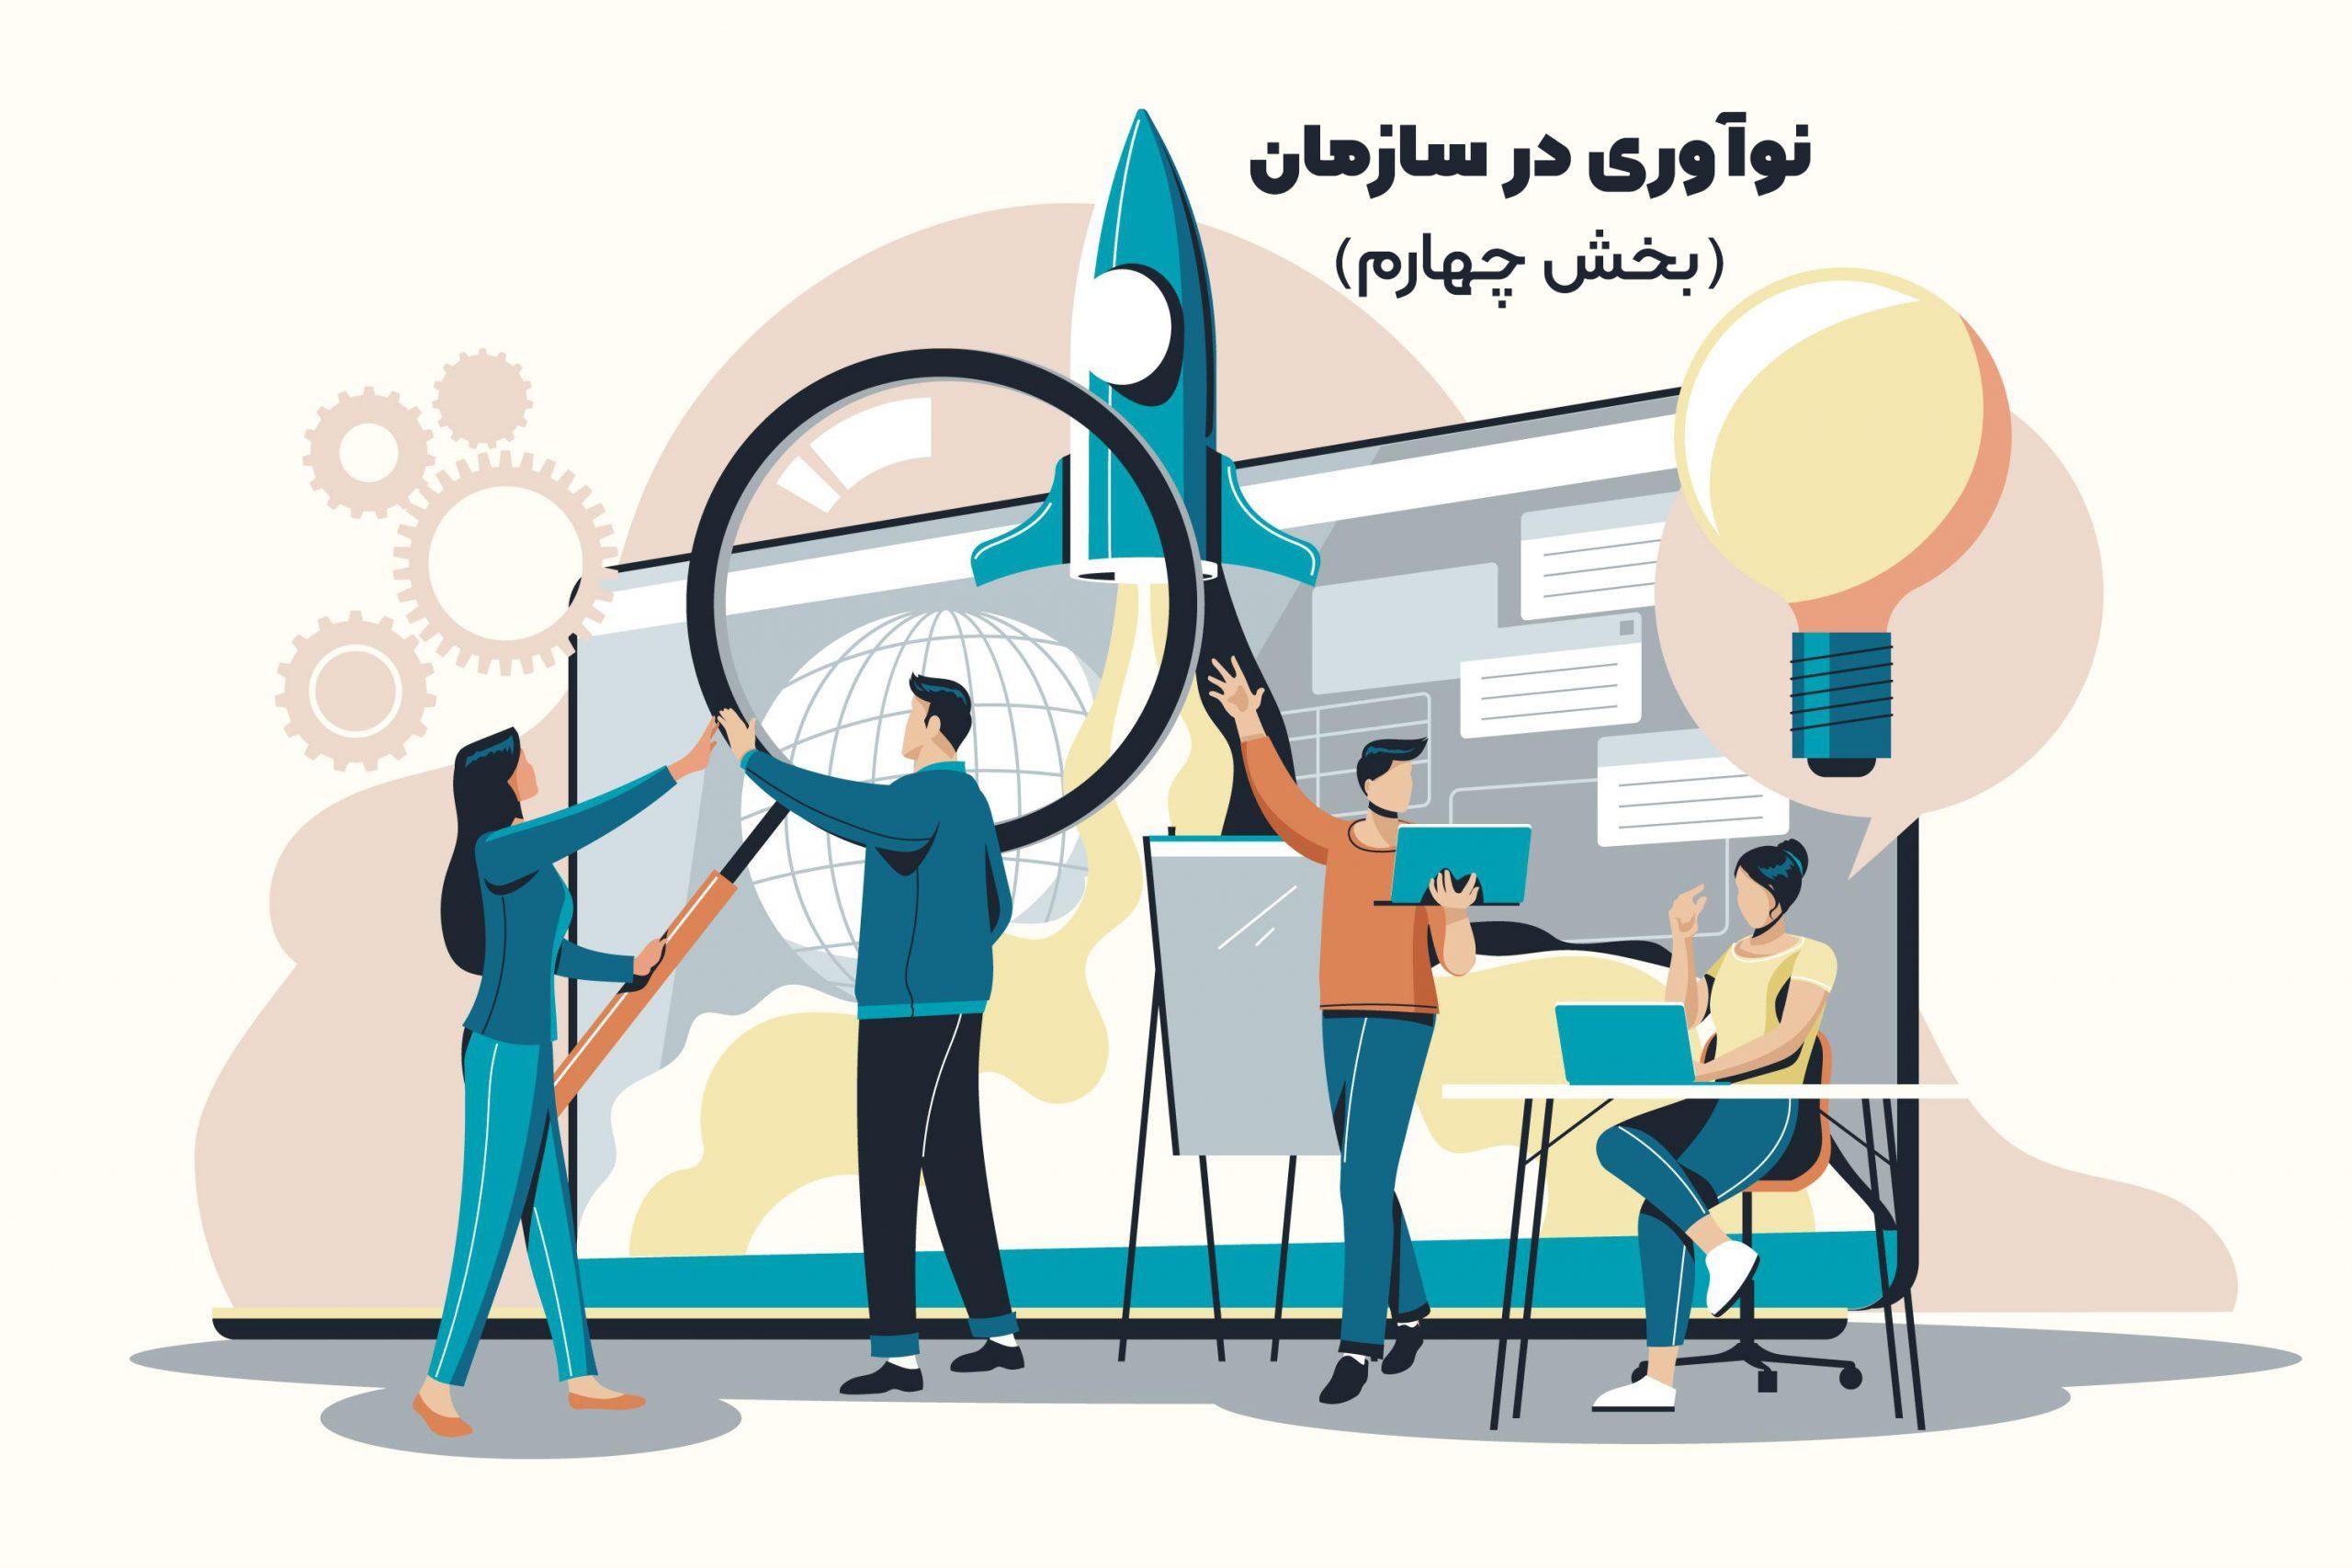 نوآوری در سازمان با هدف توسعه سازمانی